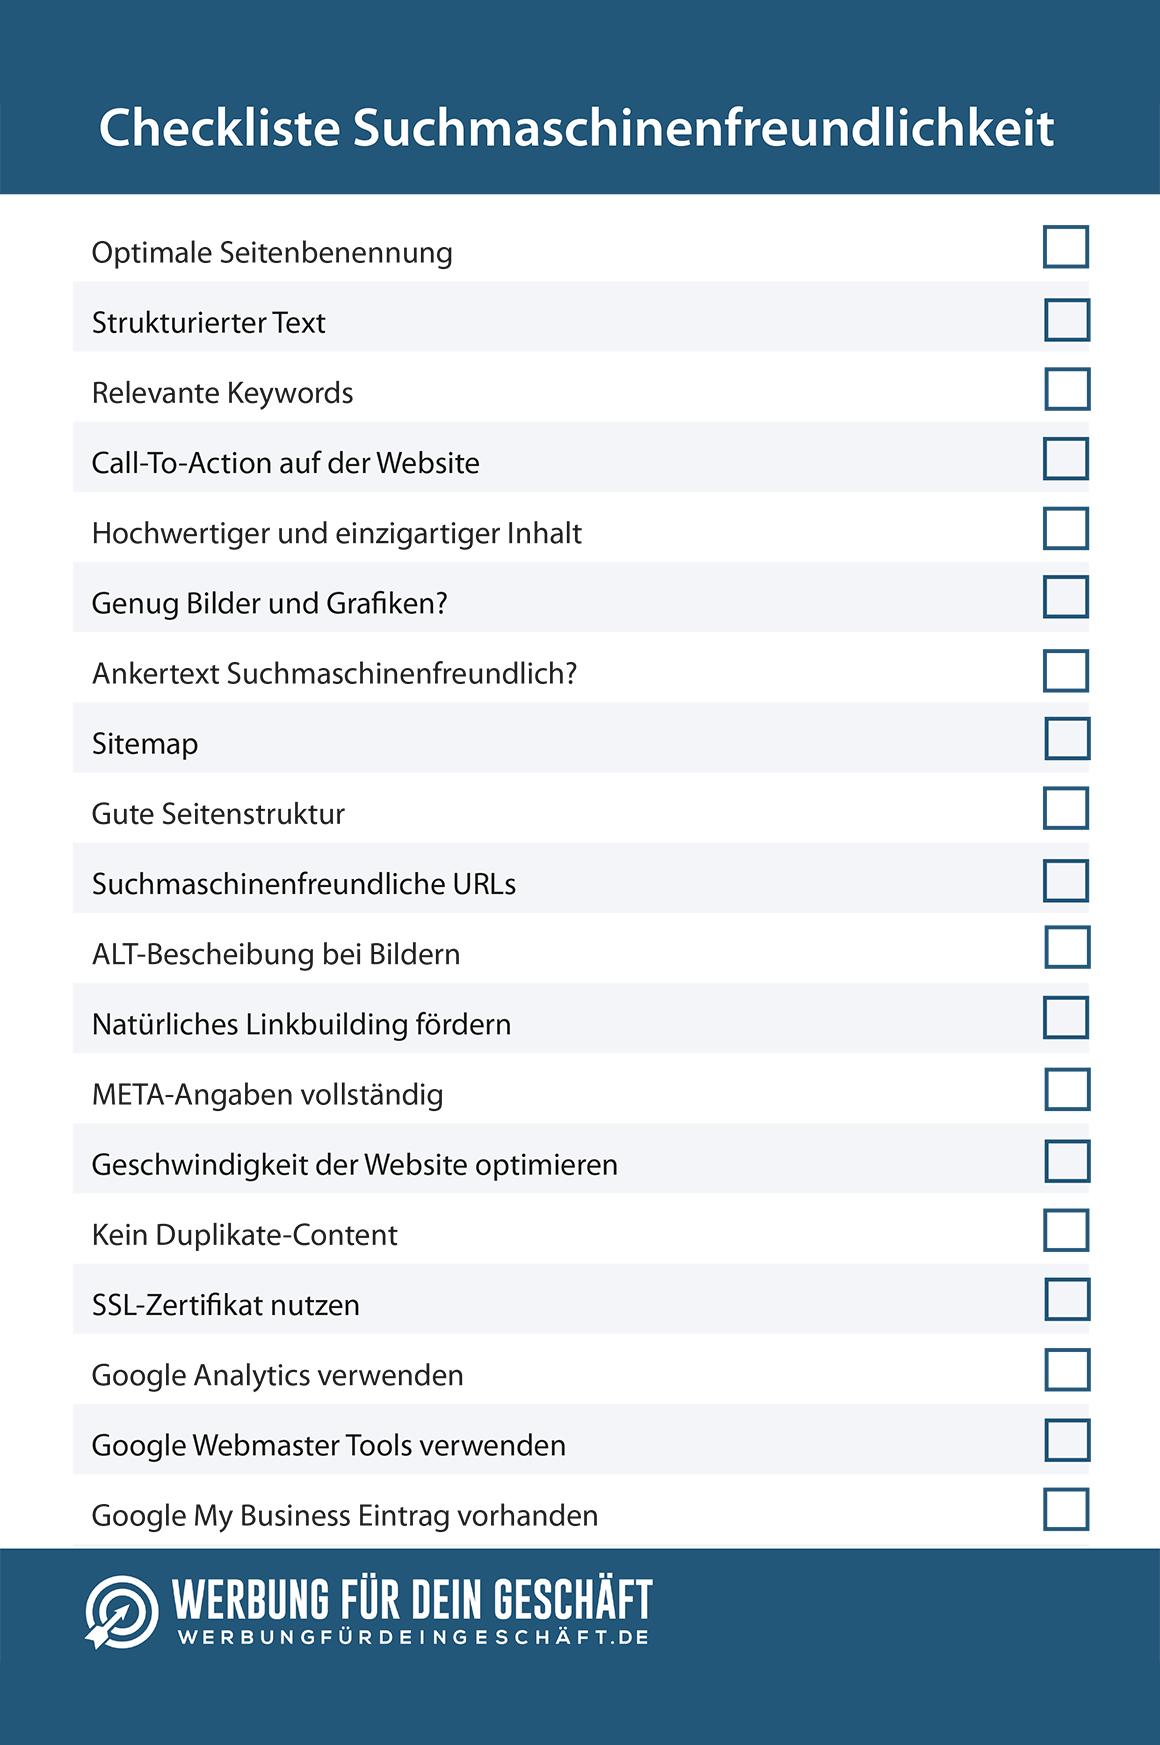 Checkliste zum abhaken von Faktoren für die Suchmaschinenfreundlichkeit